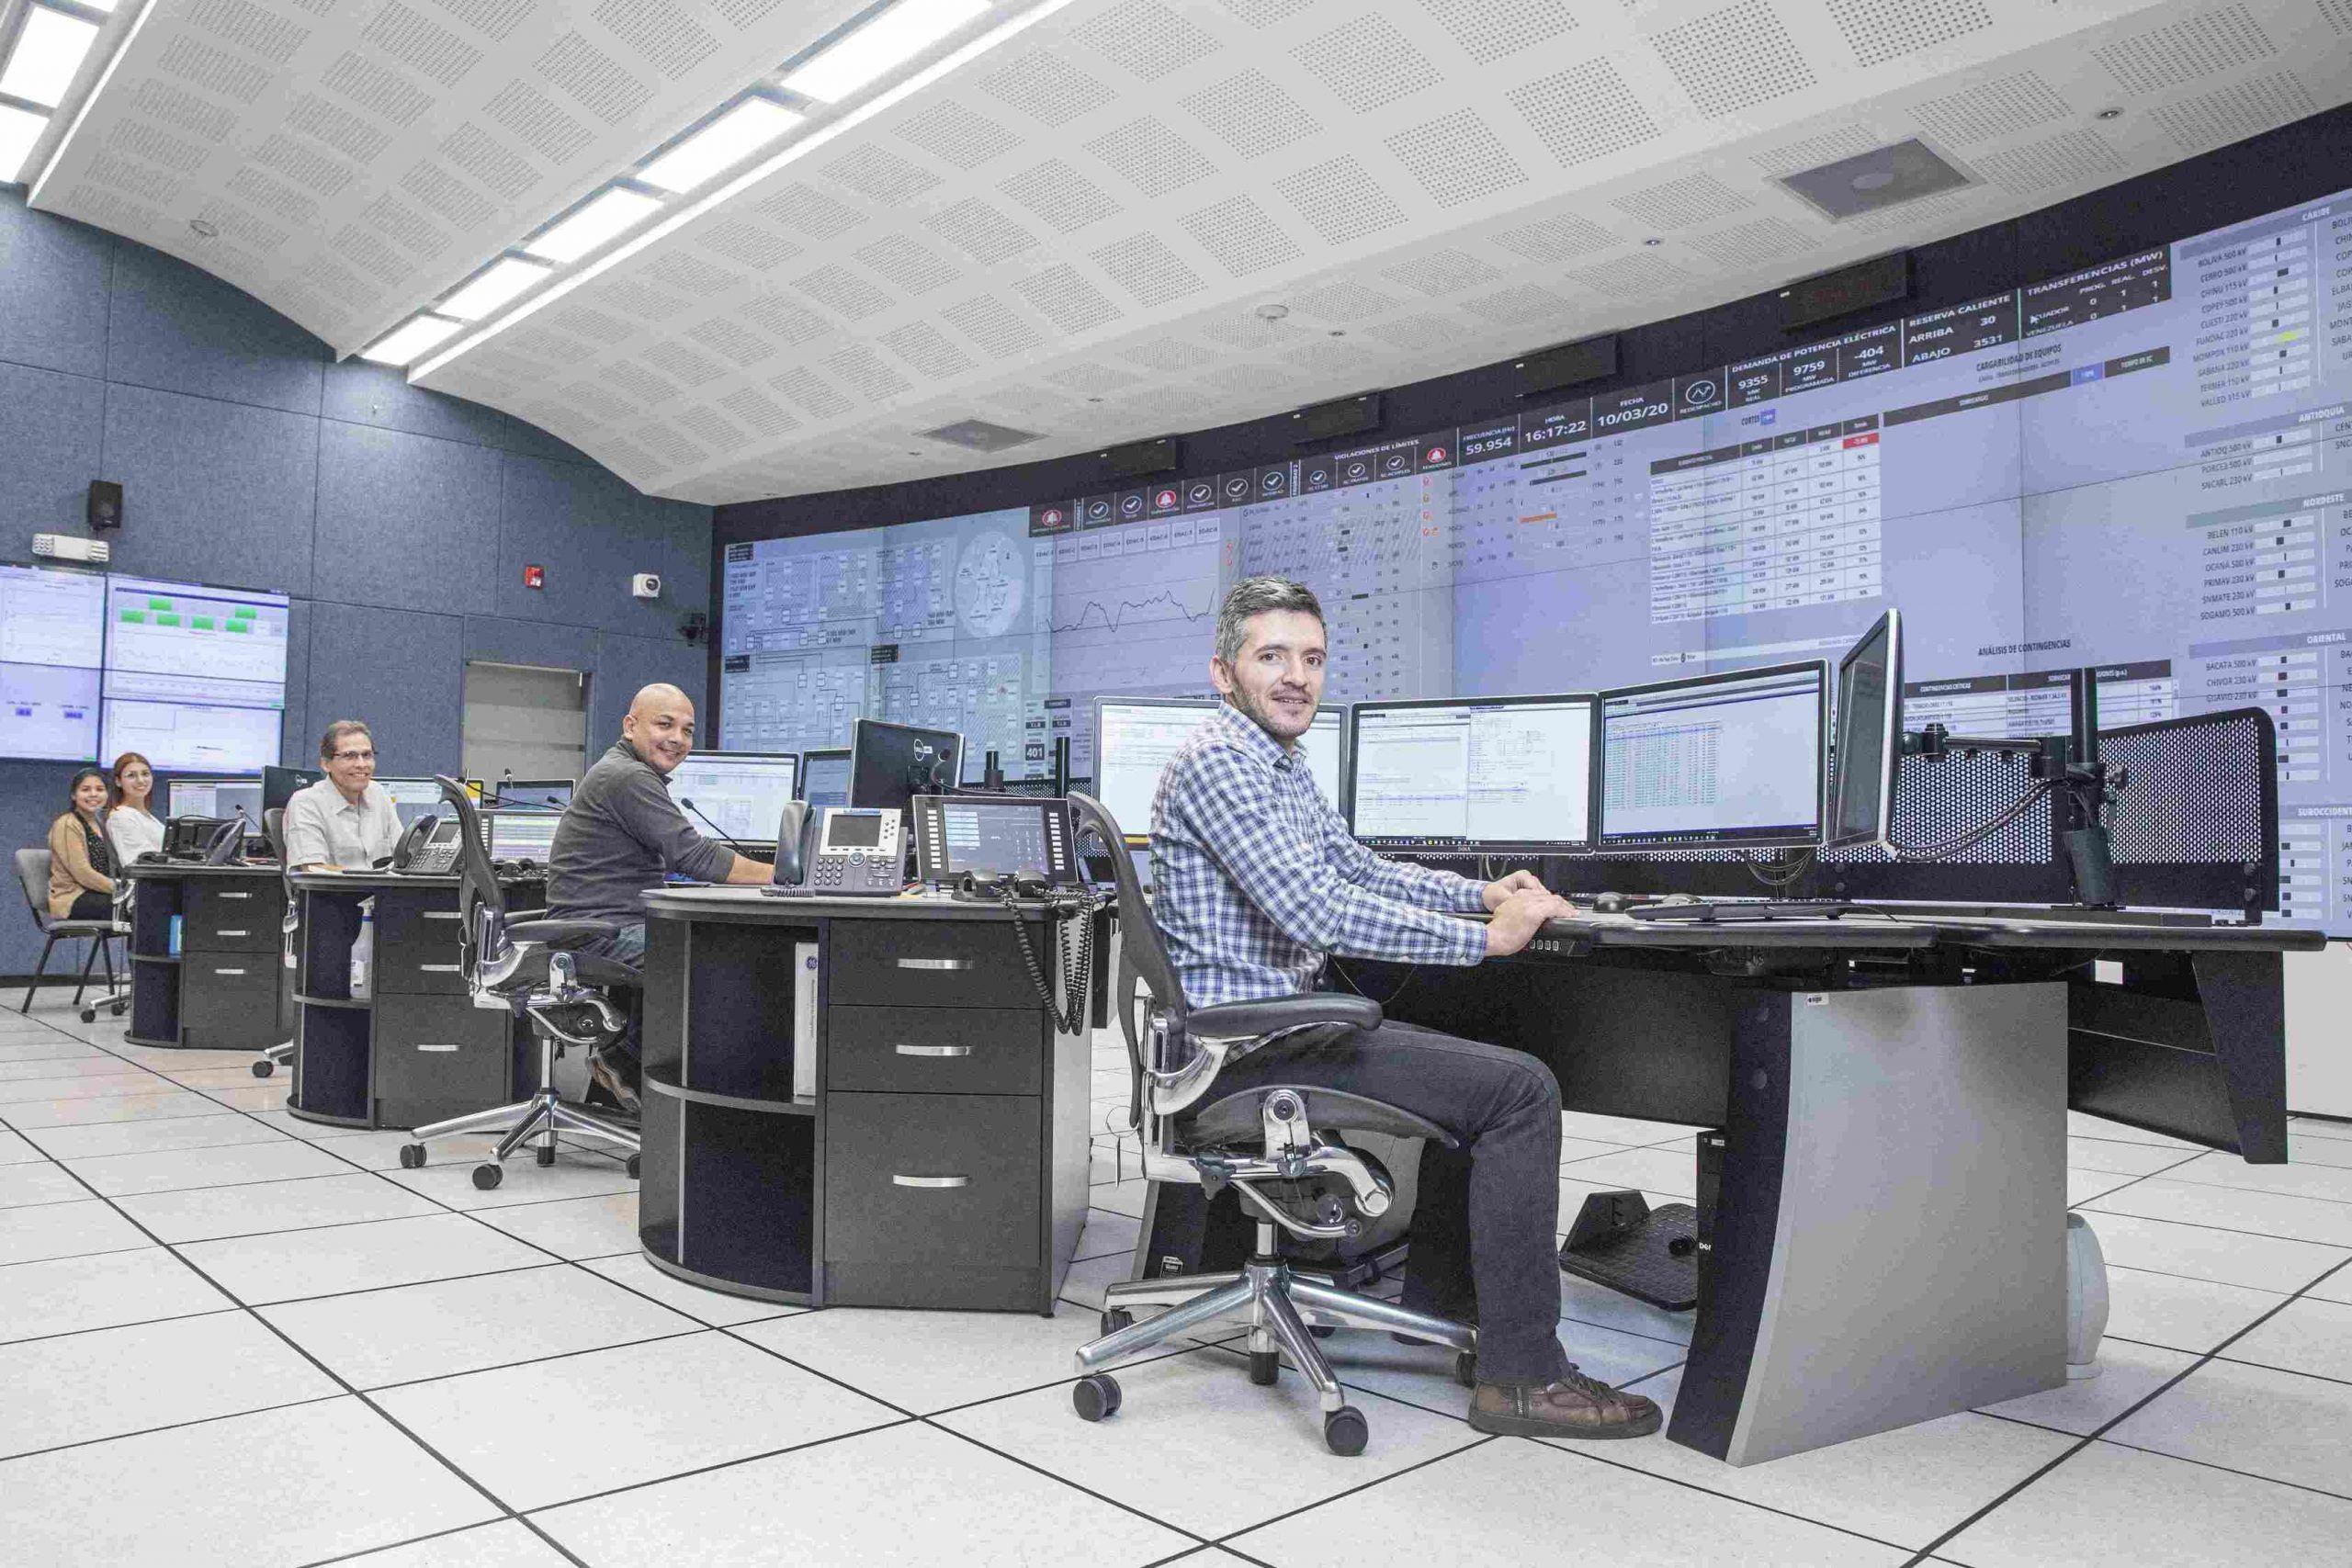 XM cumple 15 años innovando y transformando el sector eléctrico en Colombia